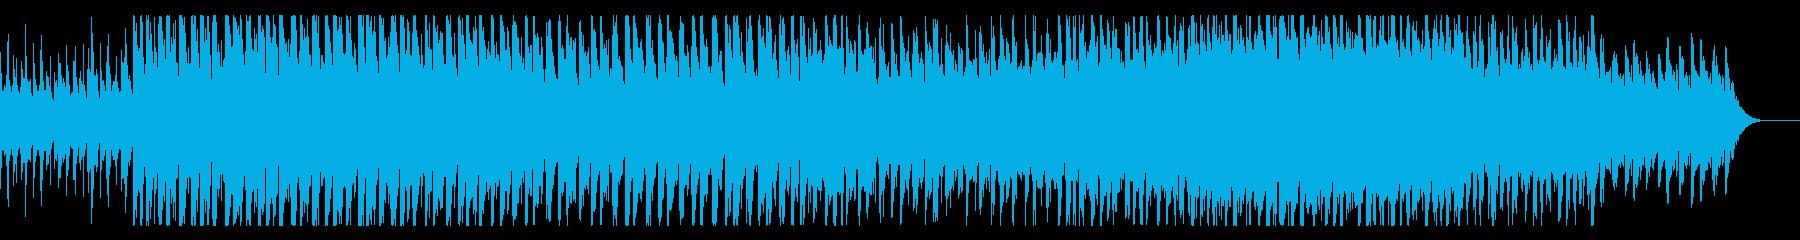 CMやコンセプトPVに爽やかBGMの再生済みの波形